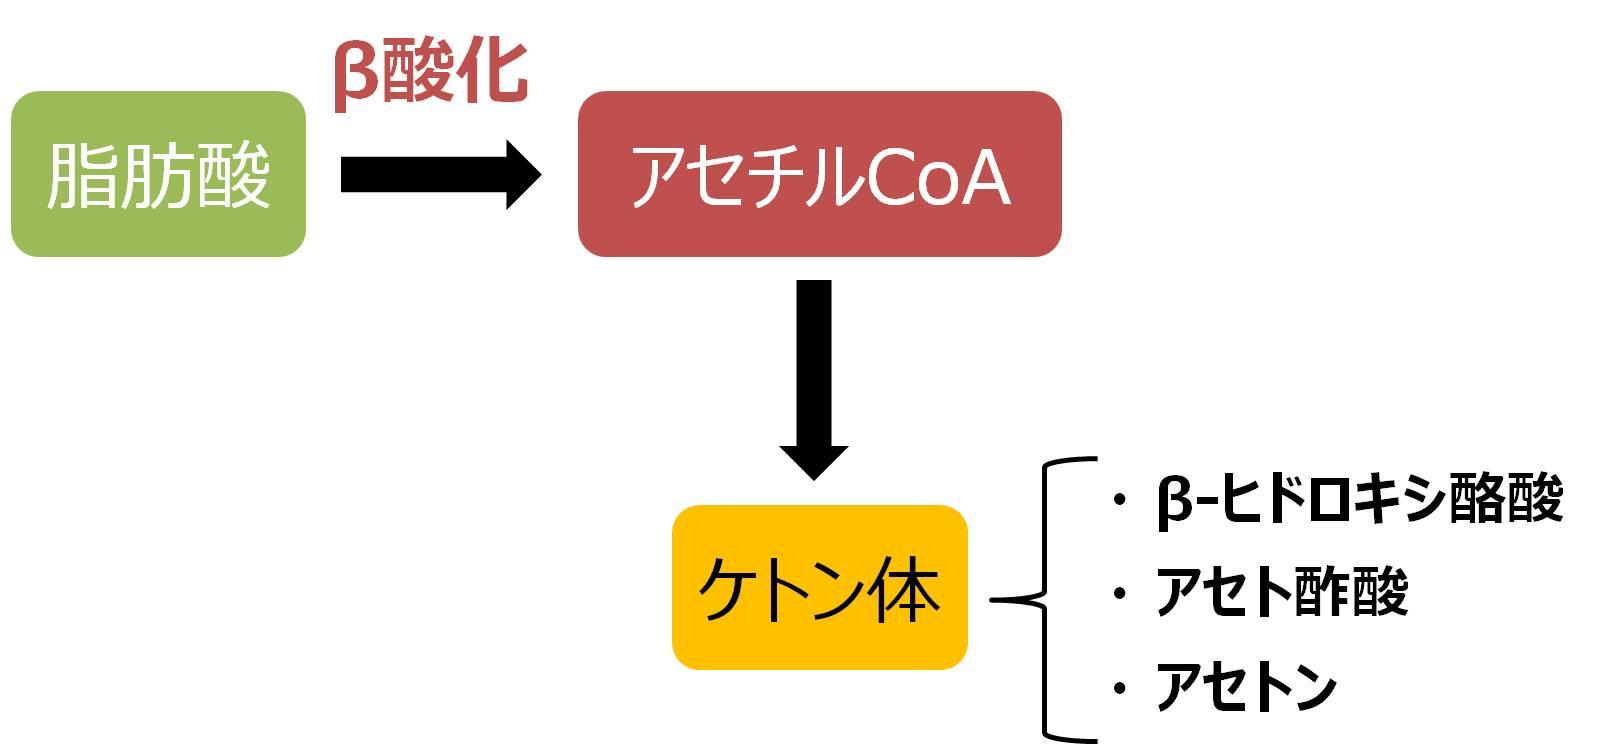 ケトン体 ヒドロキシ酪酸 アセト酢酸 アセトン